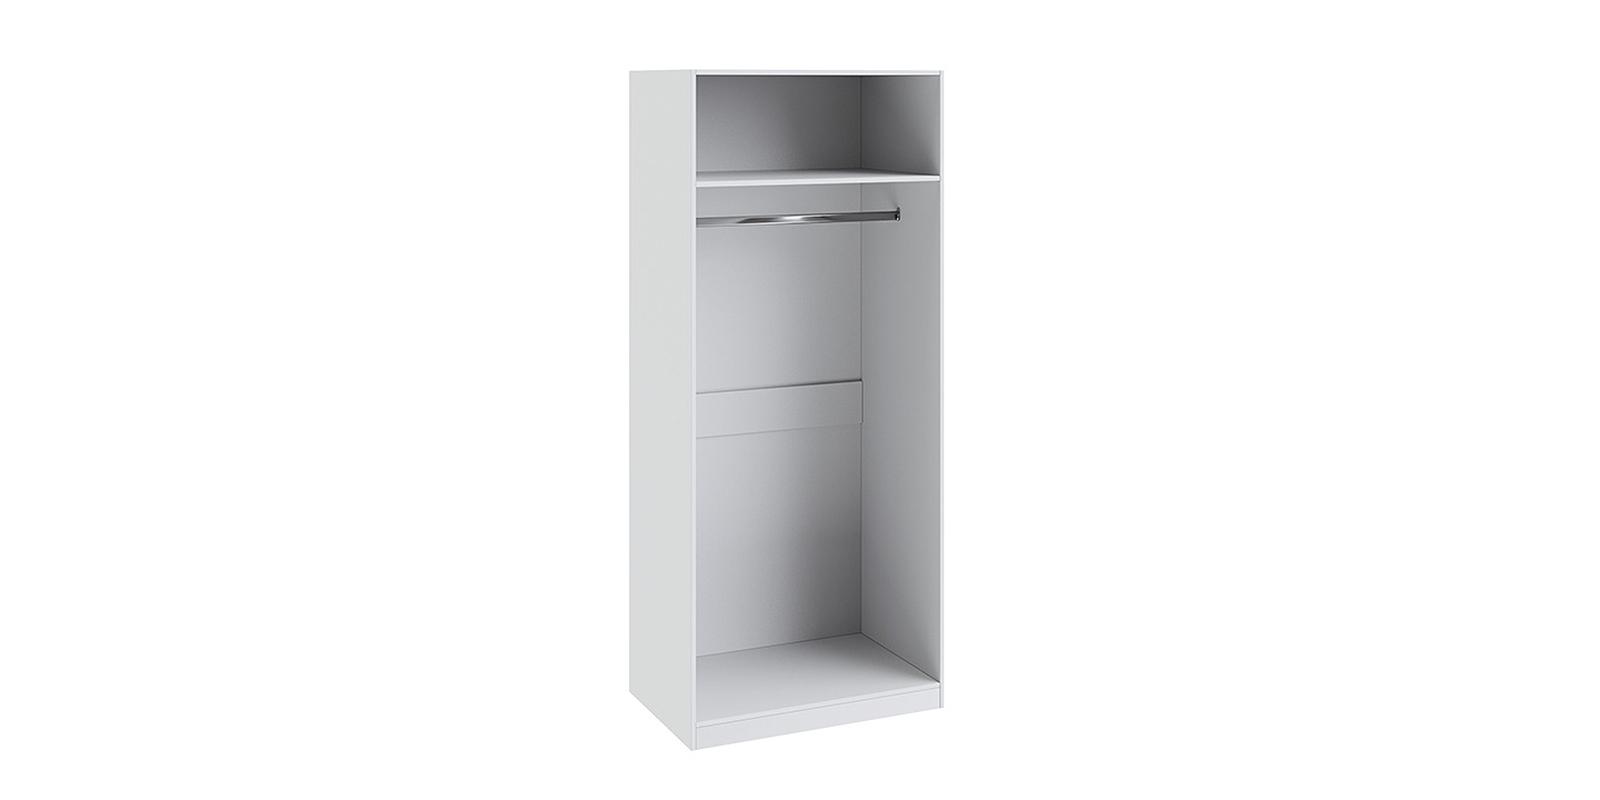 Шкаф распашной двухдверный Мерида вариант №3 (белый/зеркало)